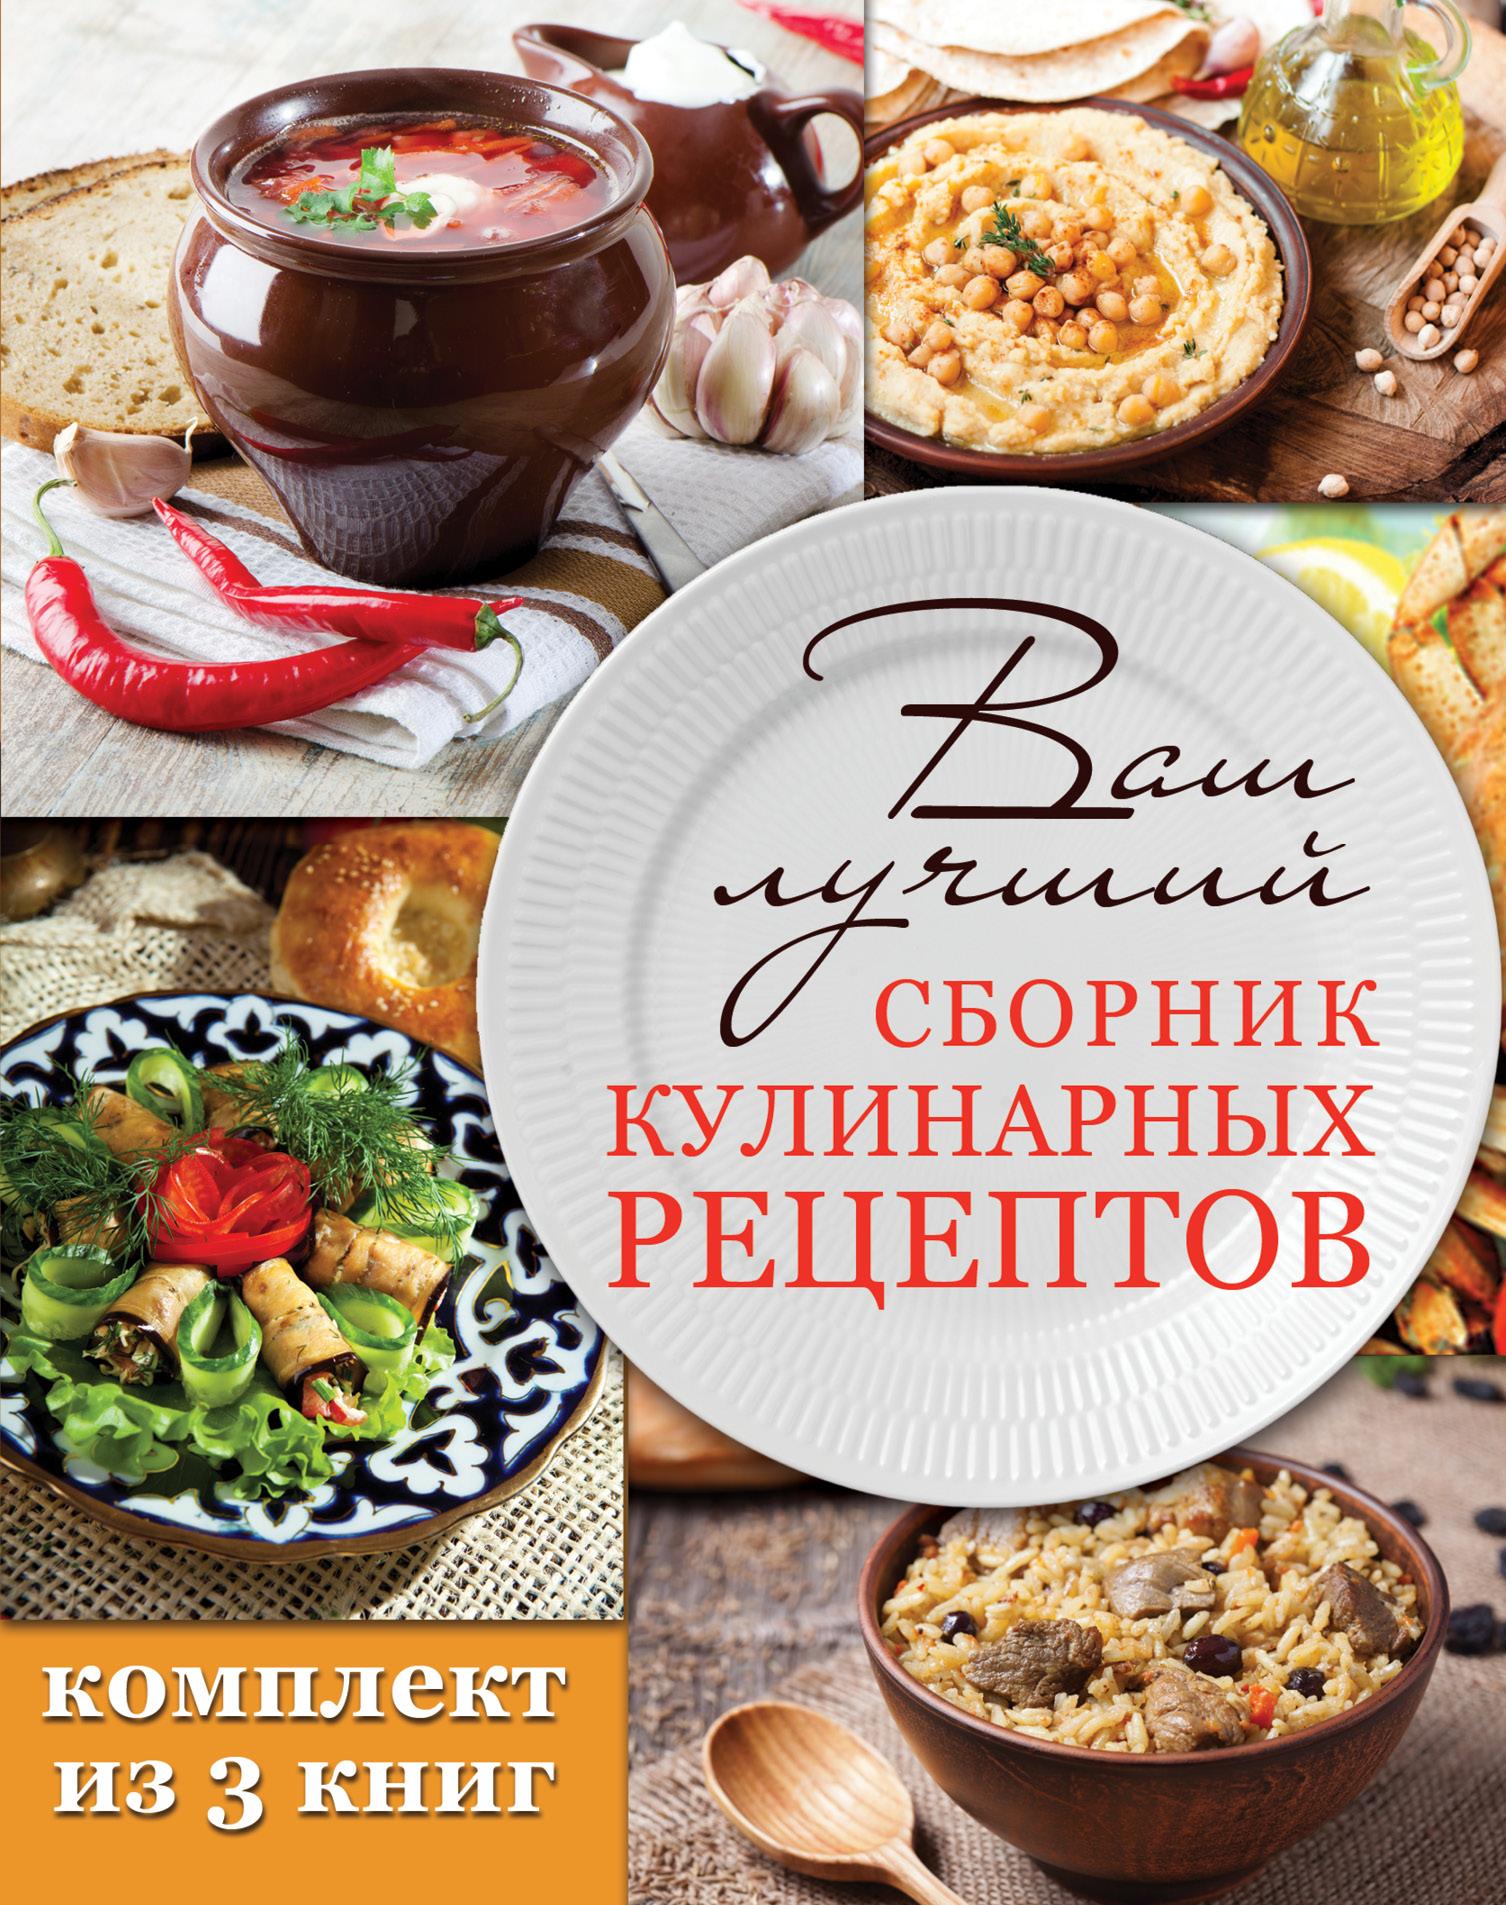 Вороникова Е.С. Ваш лучший сборник кулинарных рецептов (комплект из 3 книг) все цены